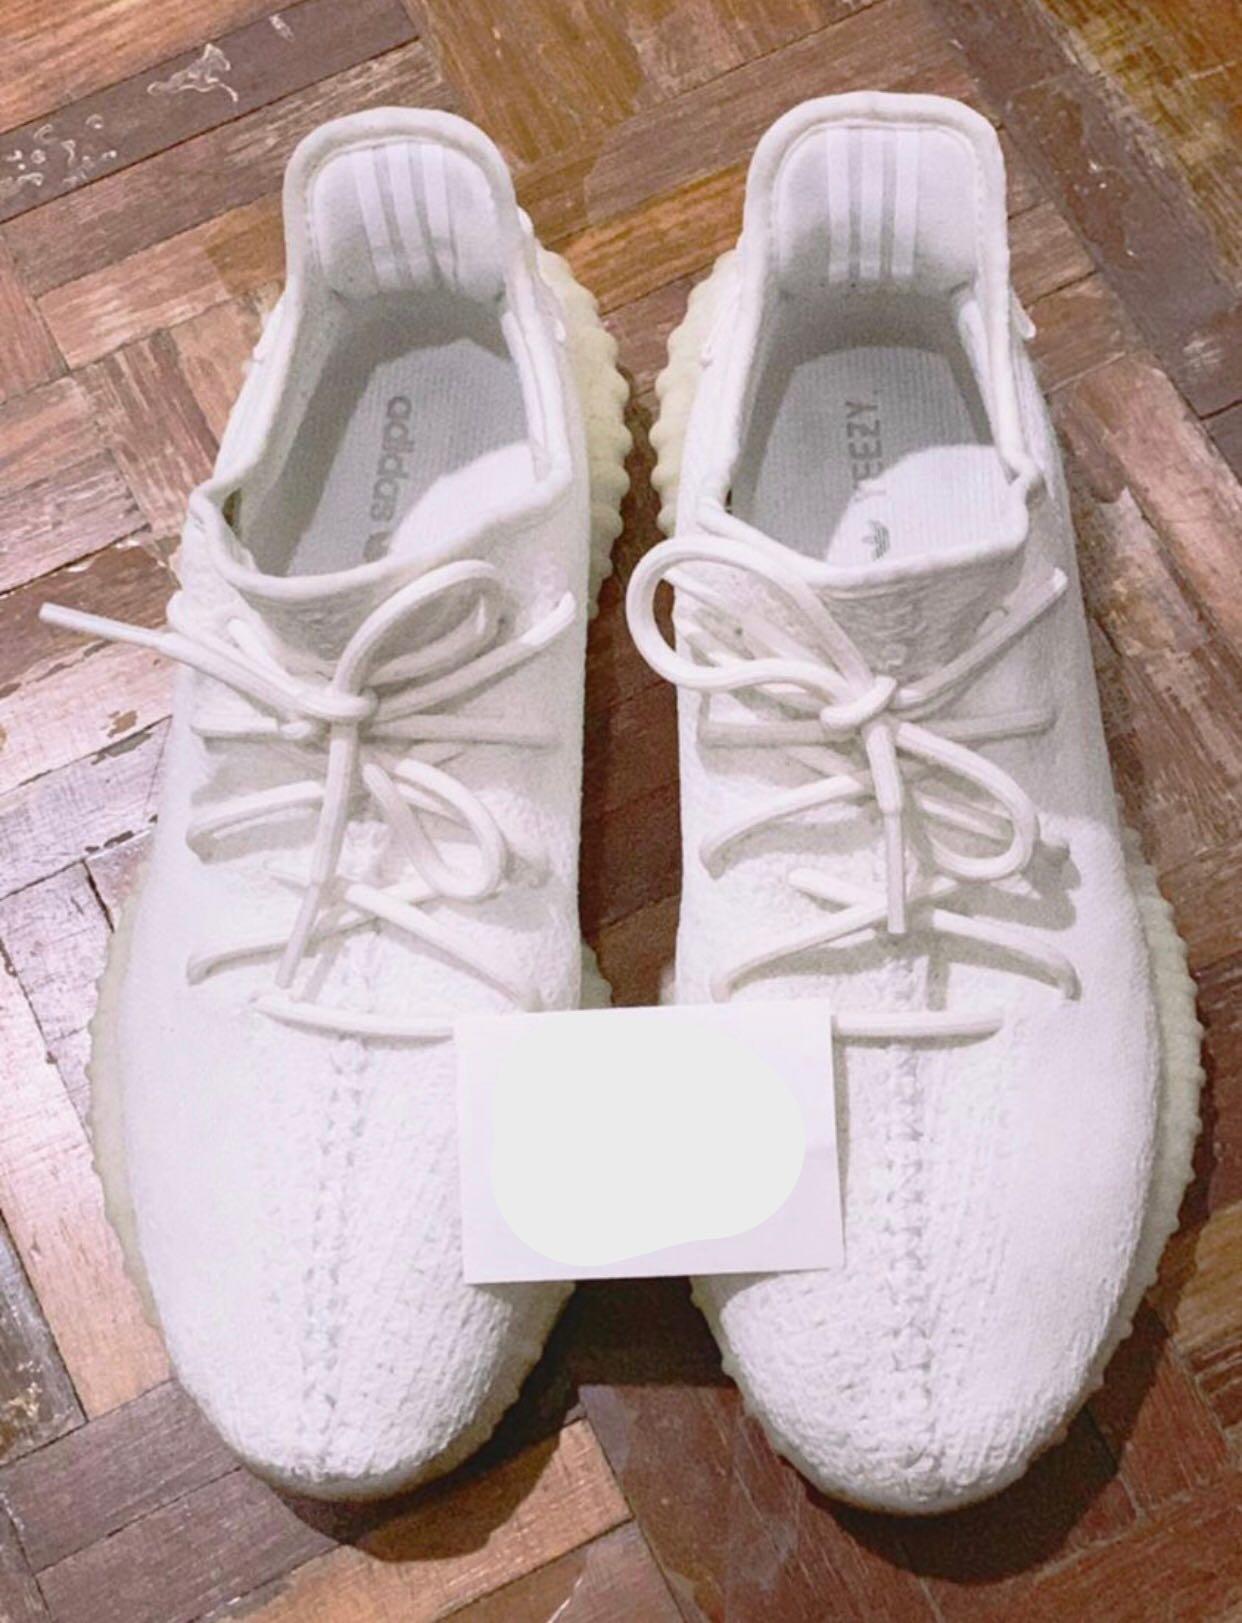 e501c7389 YEEZY 350 V2 CREAMPIE, Men's Fashion, Footwear, Sneakers on Carousell